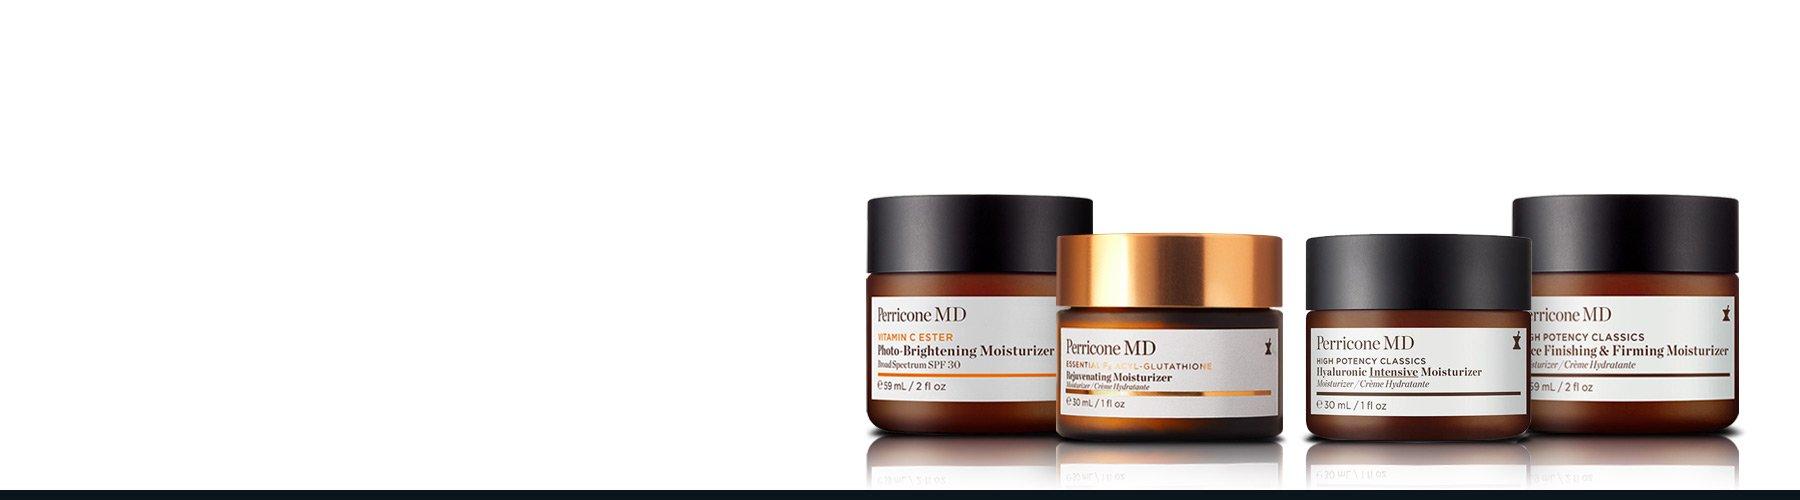 Unsere pflegenden und hydratisierenden Gesichtsfeuchtigkeitscremes sind formuliert, um Feuchtigkeit, Festigkeit und Glätte für eine strahlend aussehende Haut sichtbar wiederzuherstellen.